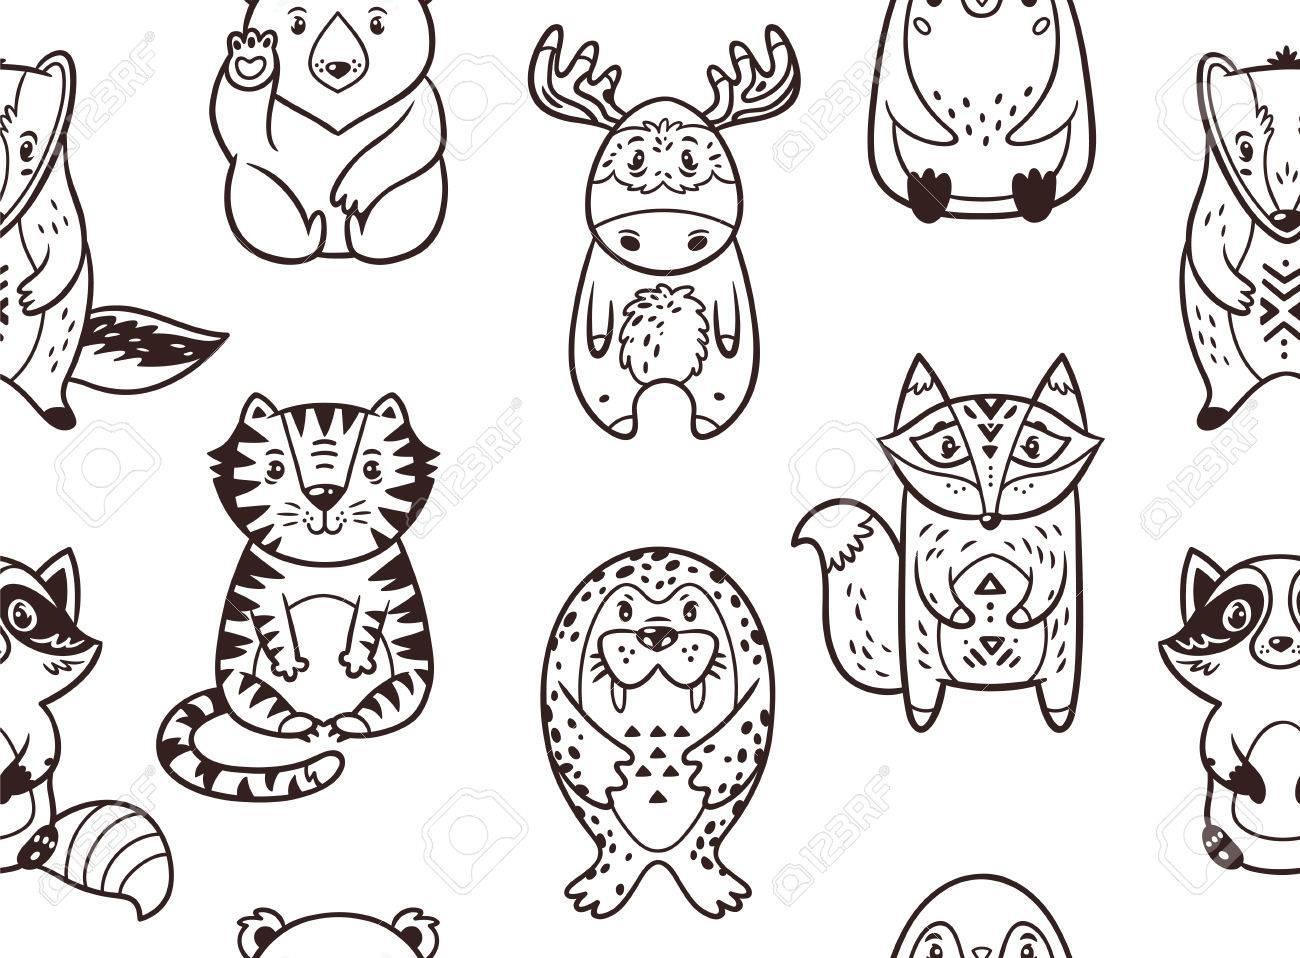 Modelo Inconsútil Con Los Animales De Dibujos Animados El Mapache Oso Polar Alces Pingüino Zorro Tigre La Morsa Y El Tejón Fondo Blanco Y